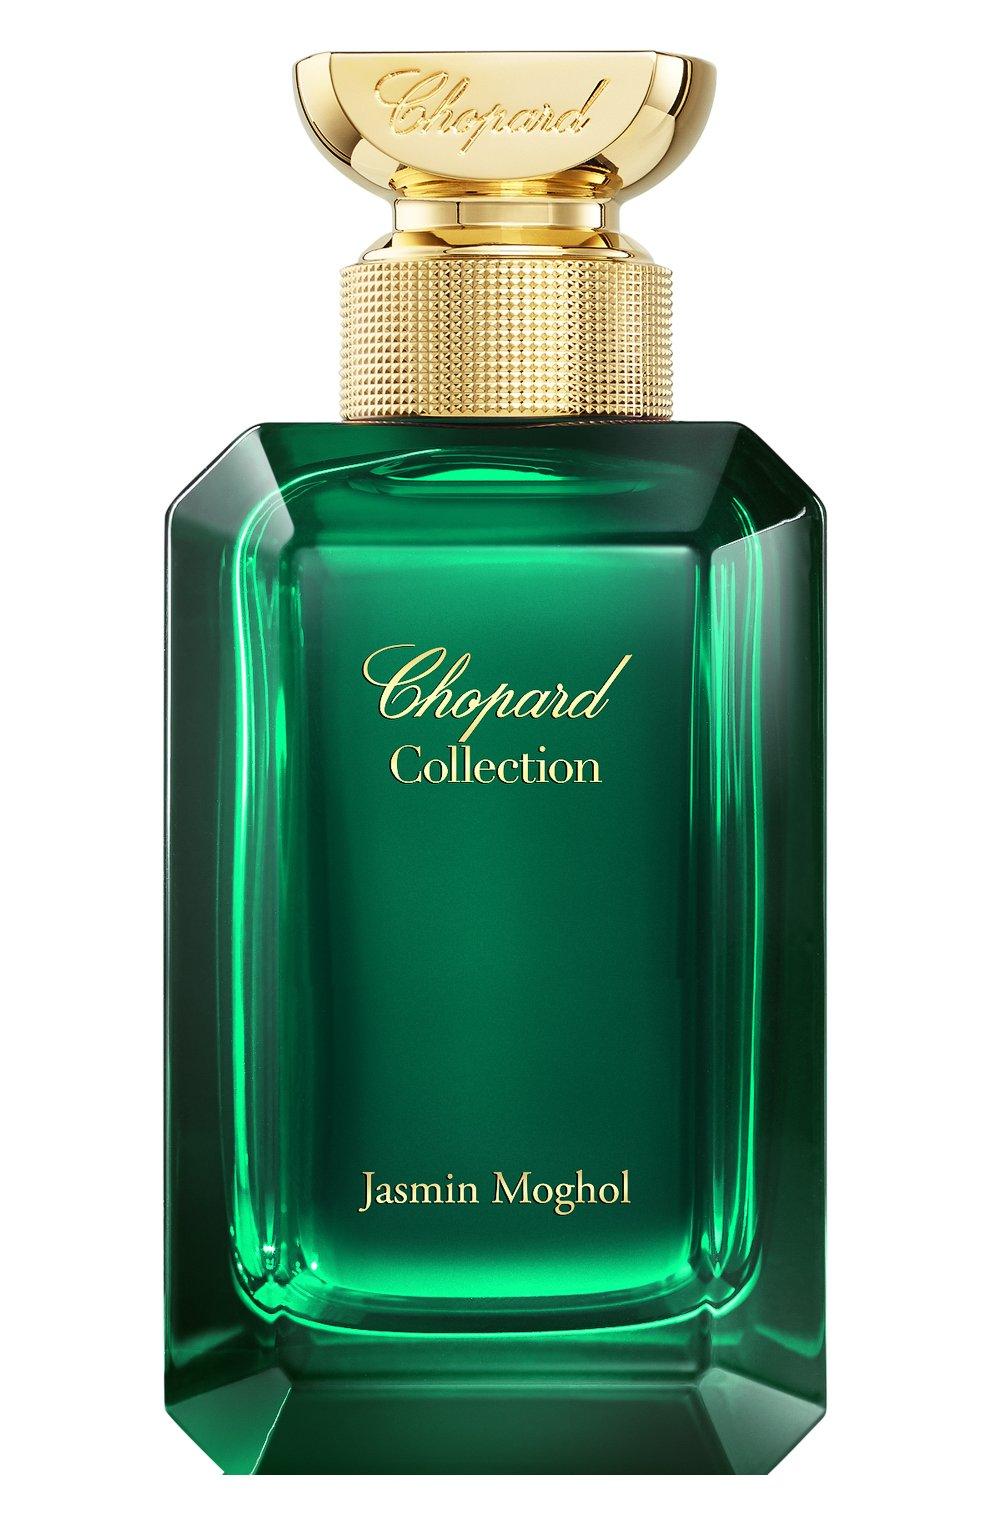 парфюмерия Chopard по цене от 8 540 руб купить в интернет магазине цум